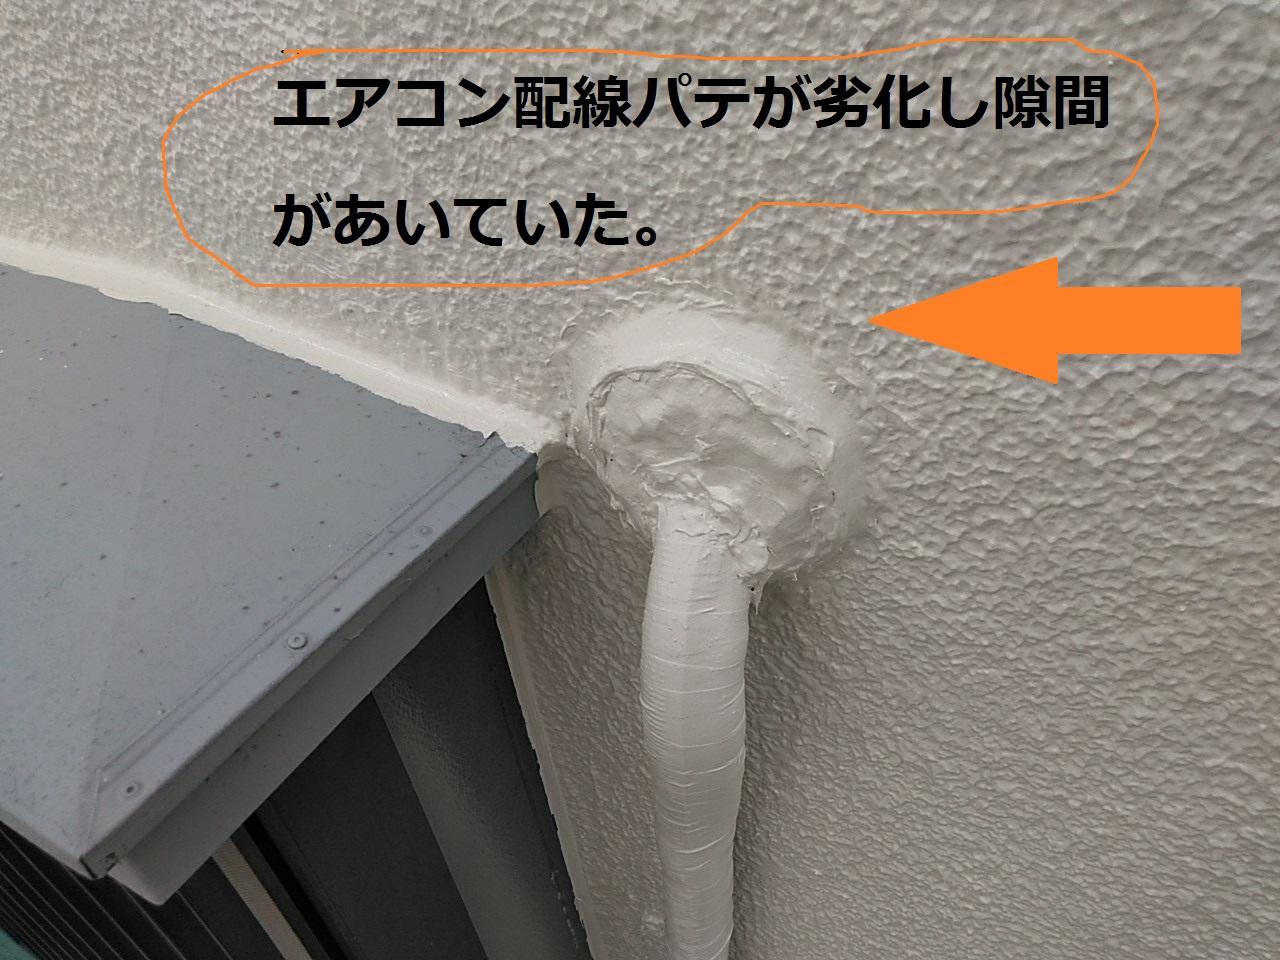 エアコン配線壁貫通